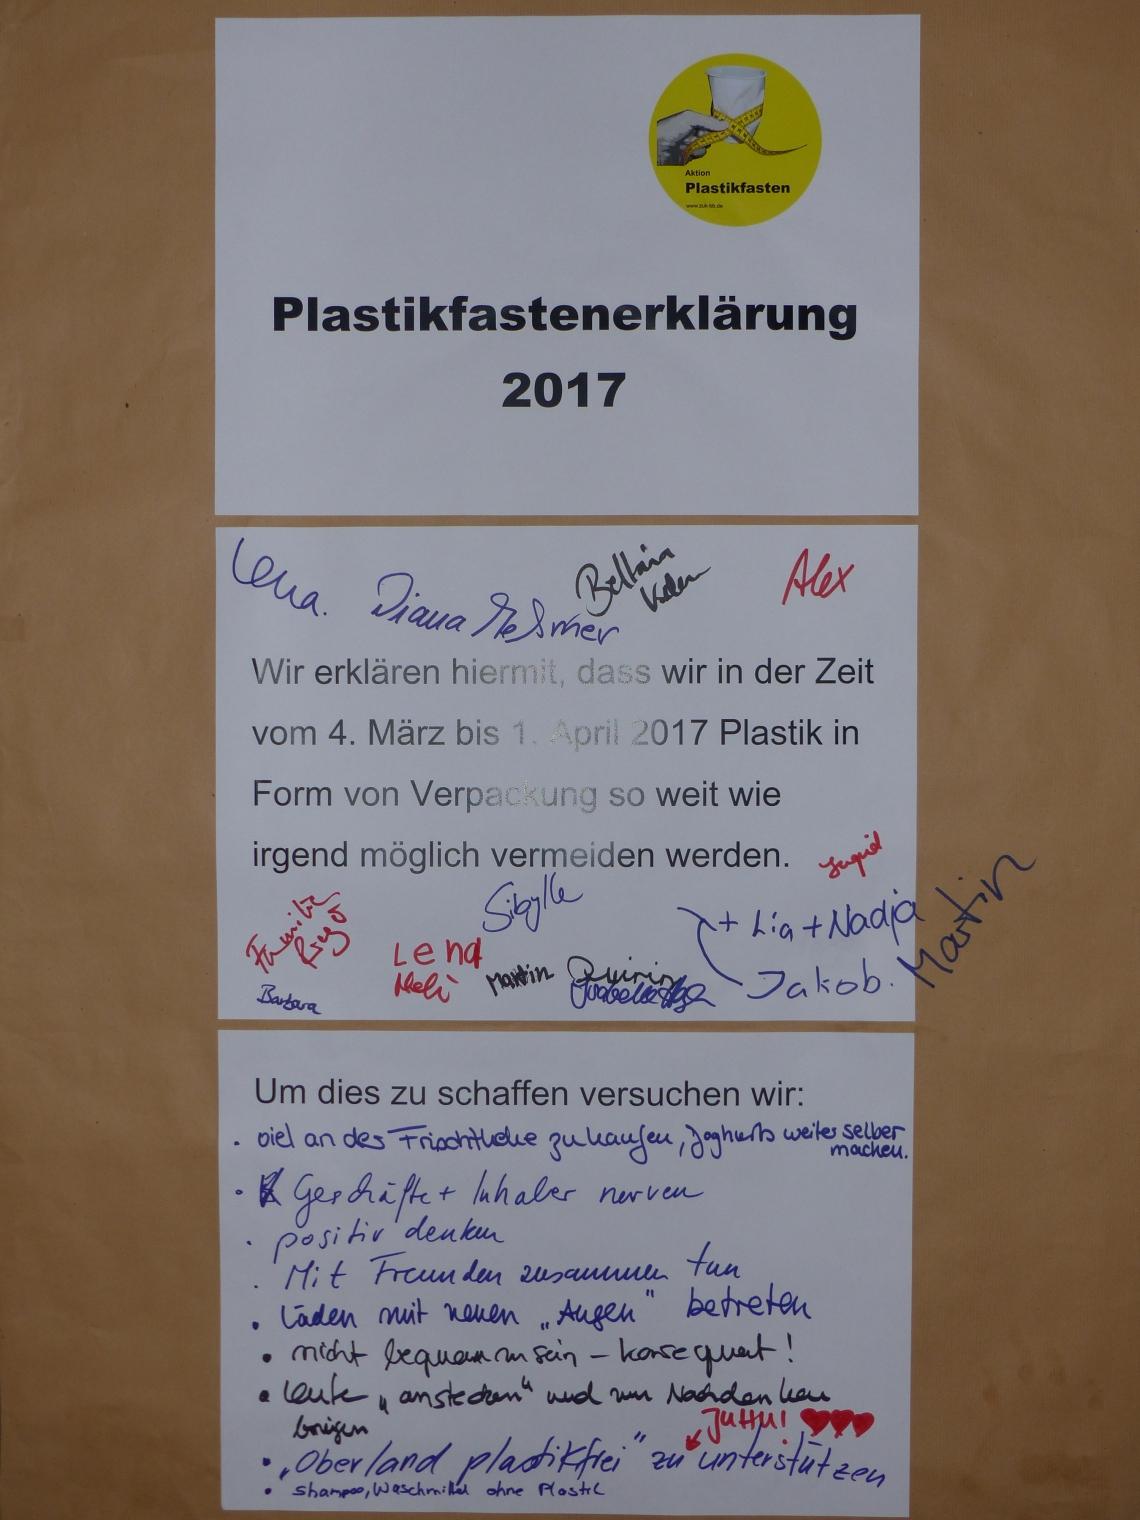 Plastikfasten-Erklärung